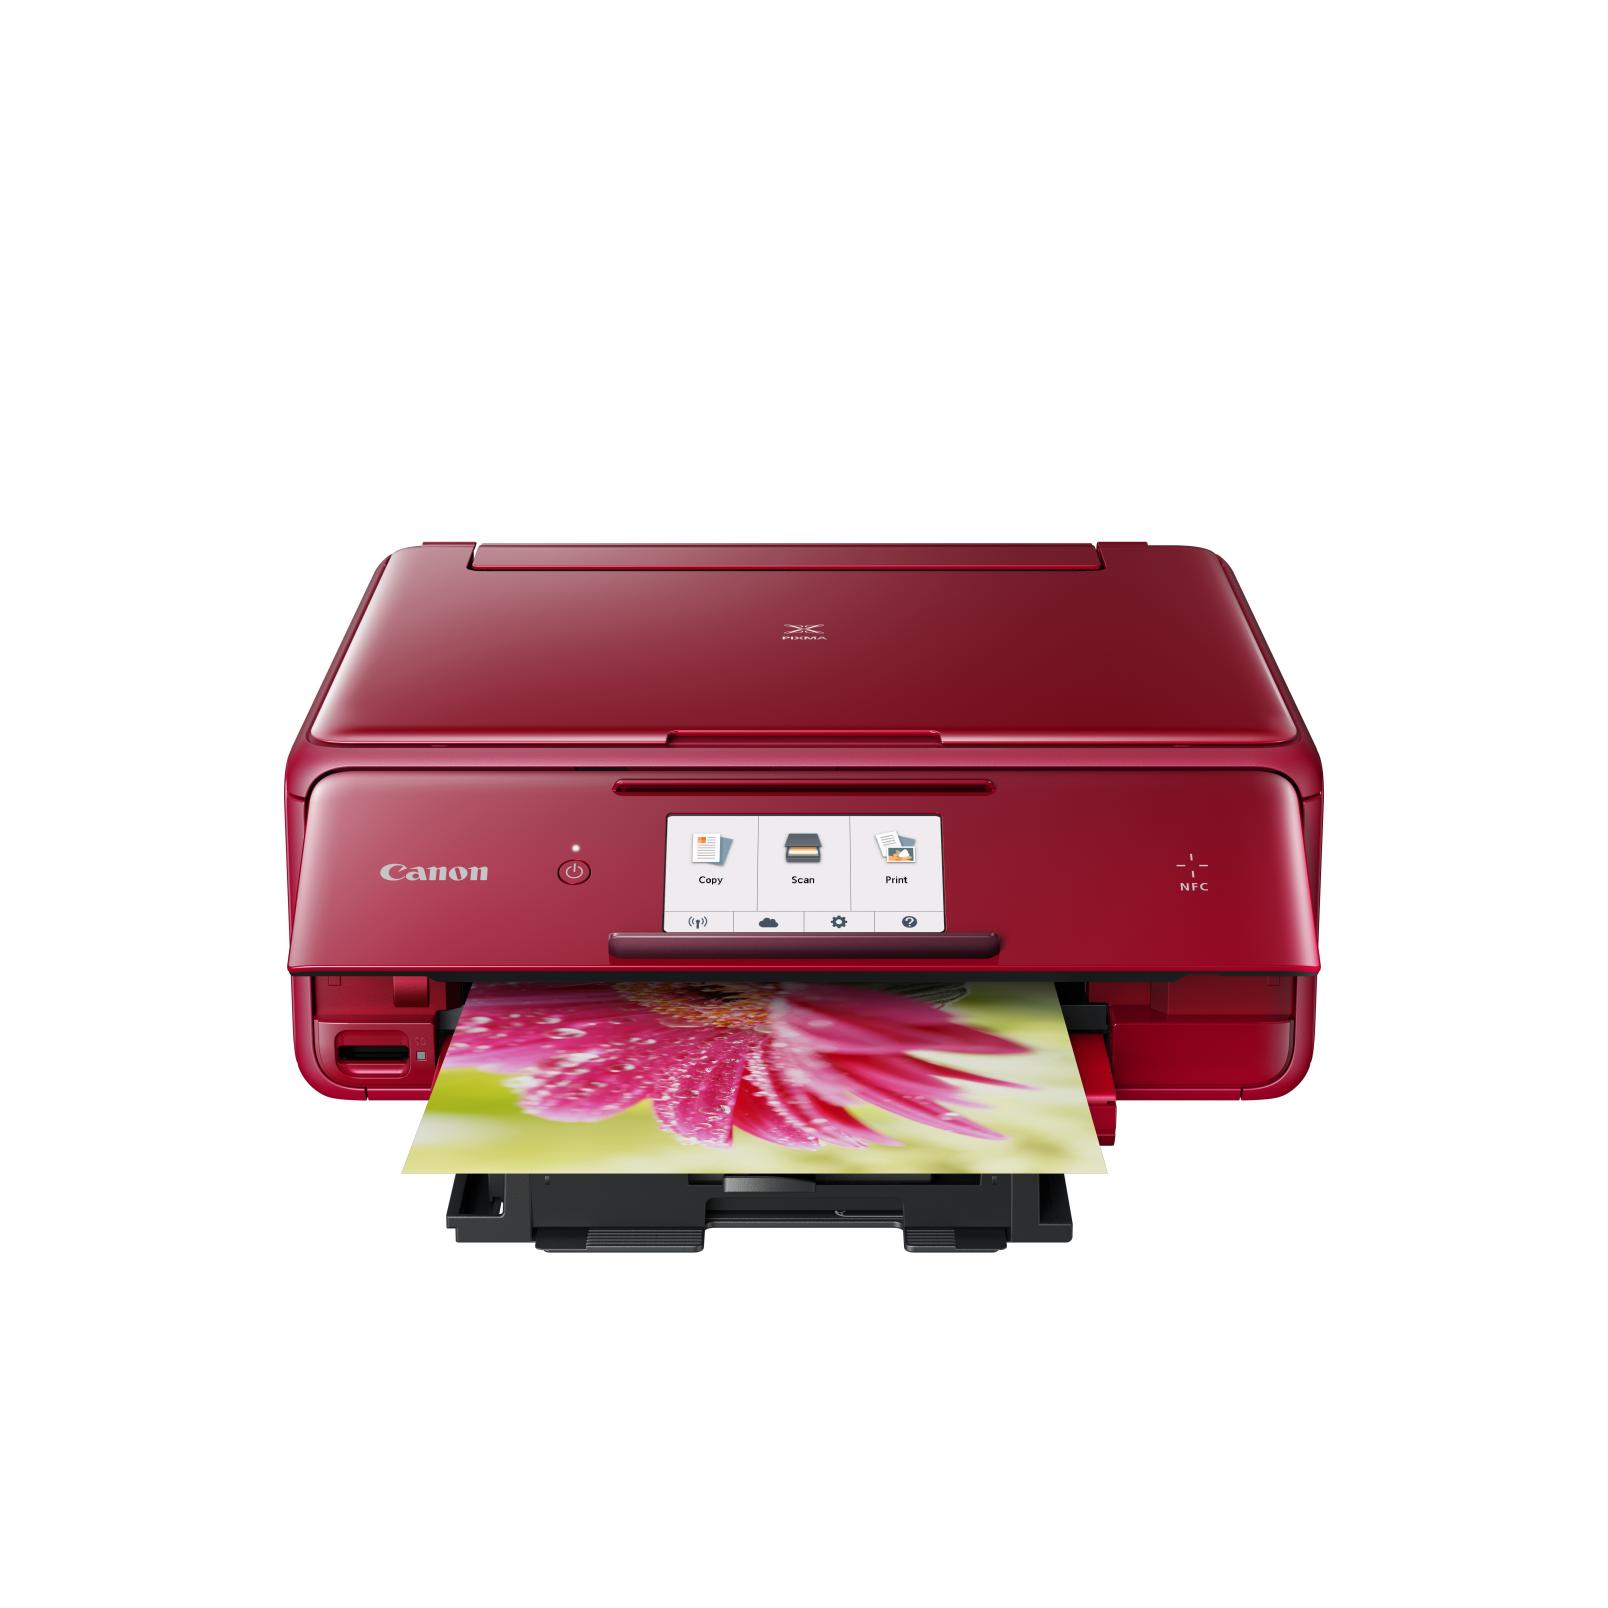 Zlevněné zboží: Canon PIXMA TS8052 - PSC/NFC/Wi-Fi/AP/WiFi-Direct/Duplex/PictBridge/PotiskCD/9600x2400/USB red